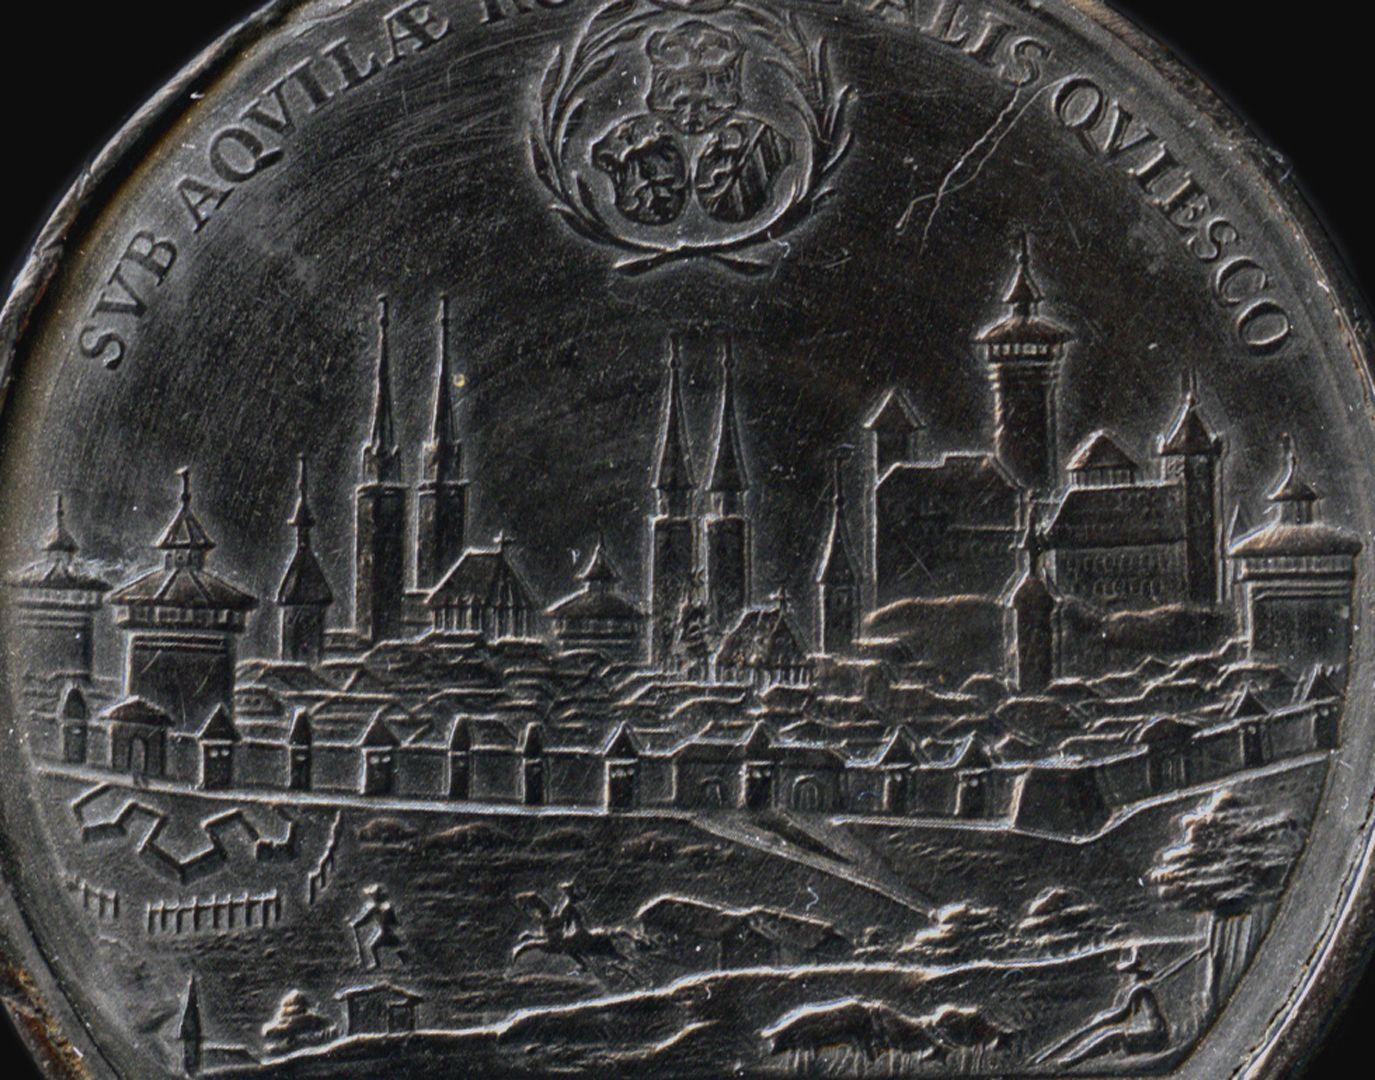 Spielstein mit Stadtansicht Nürnbergs von Osten und Friedensallegorie Spielsteinseite mit Stadtansicht von Nürnberg, Detail